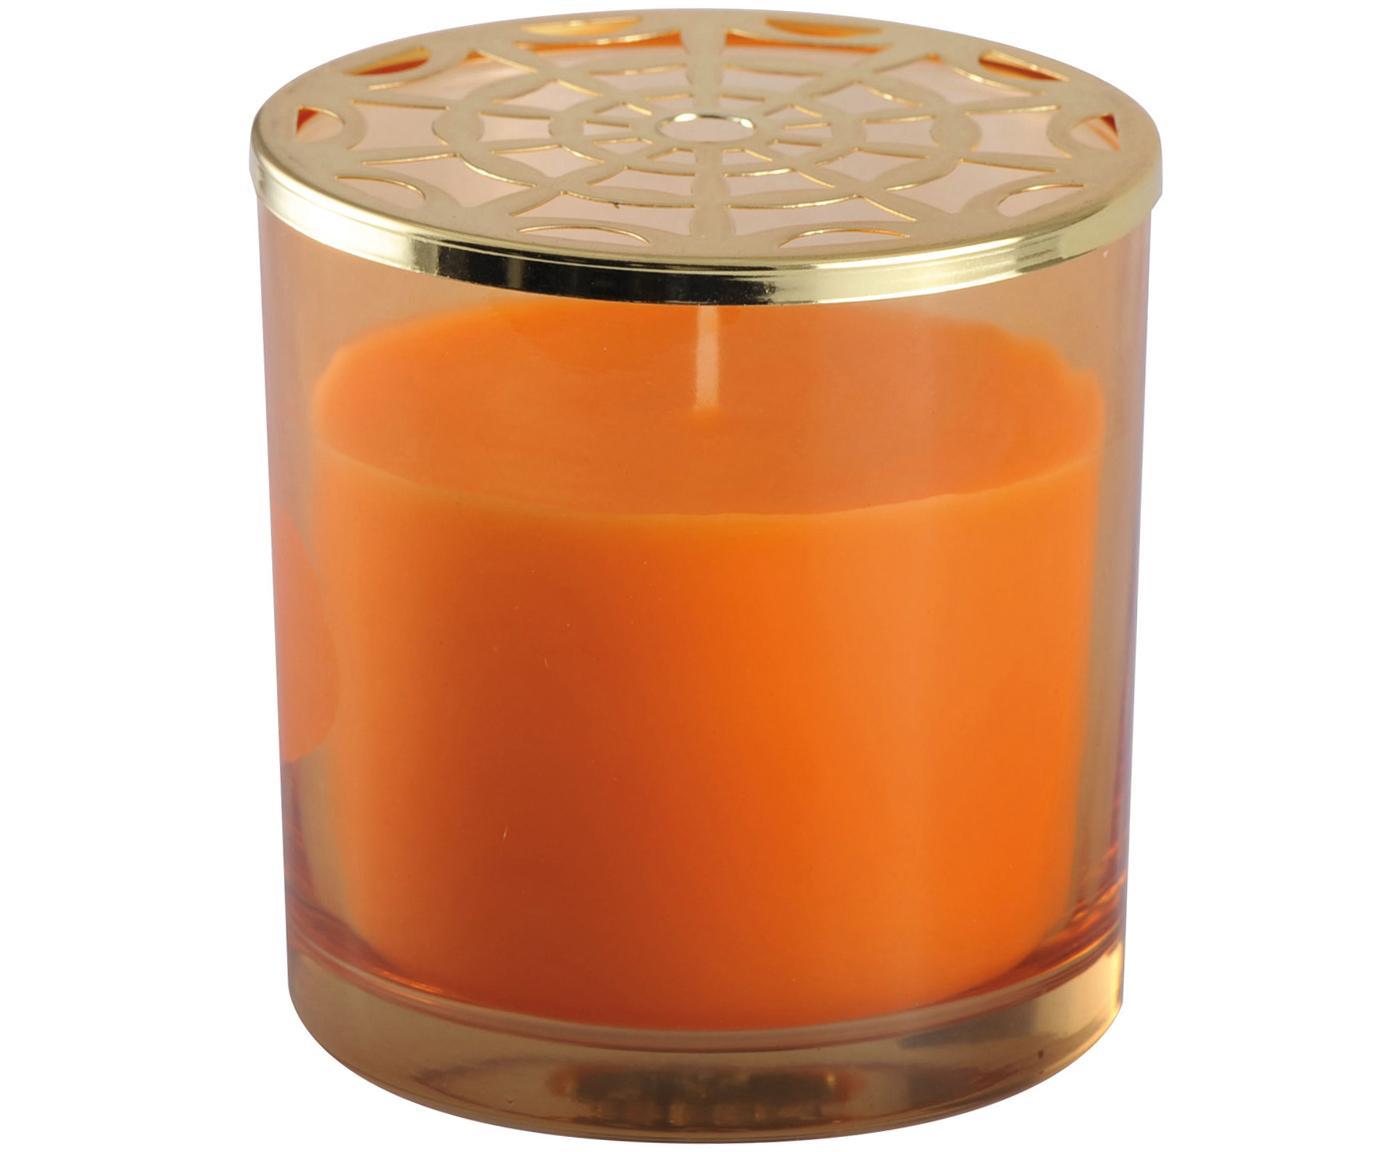 Geurkaars Narana (oranje), Houder: glas, Deksel: metaal, Goudkleurig, oranje, Ø 10 x H 10 cm